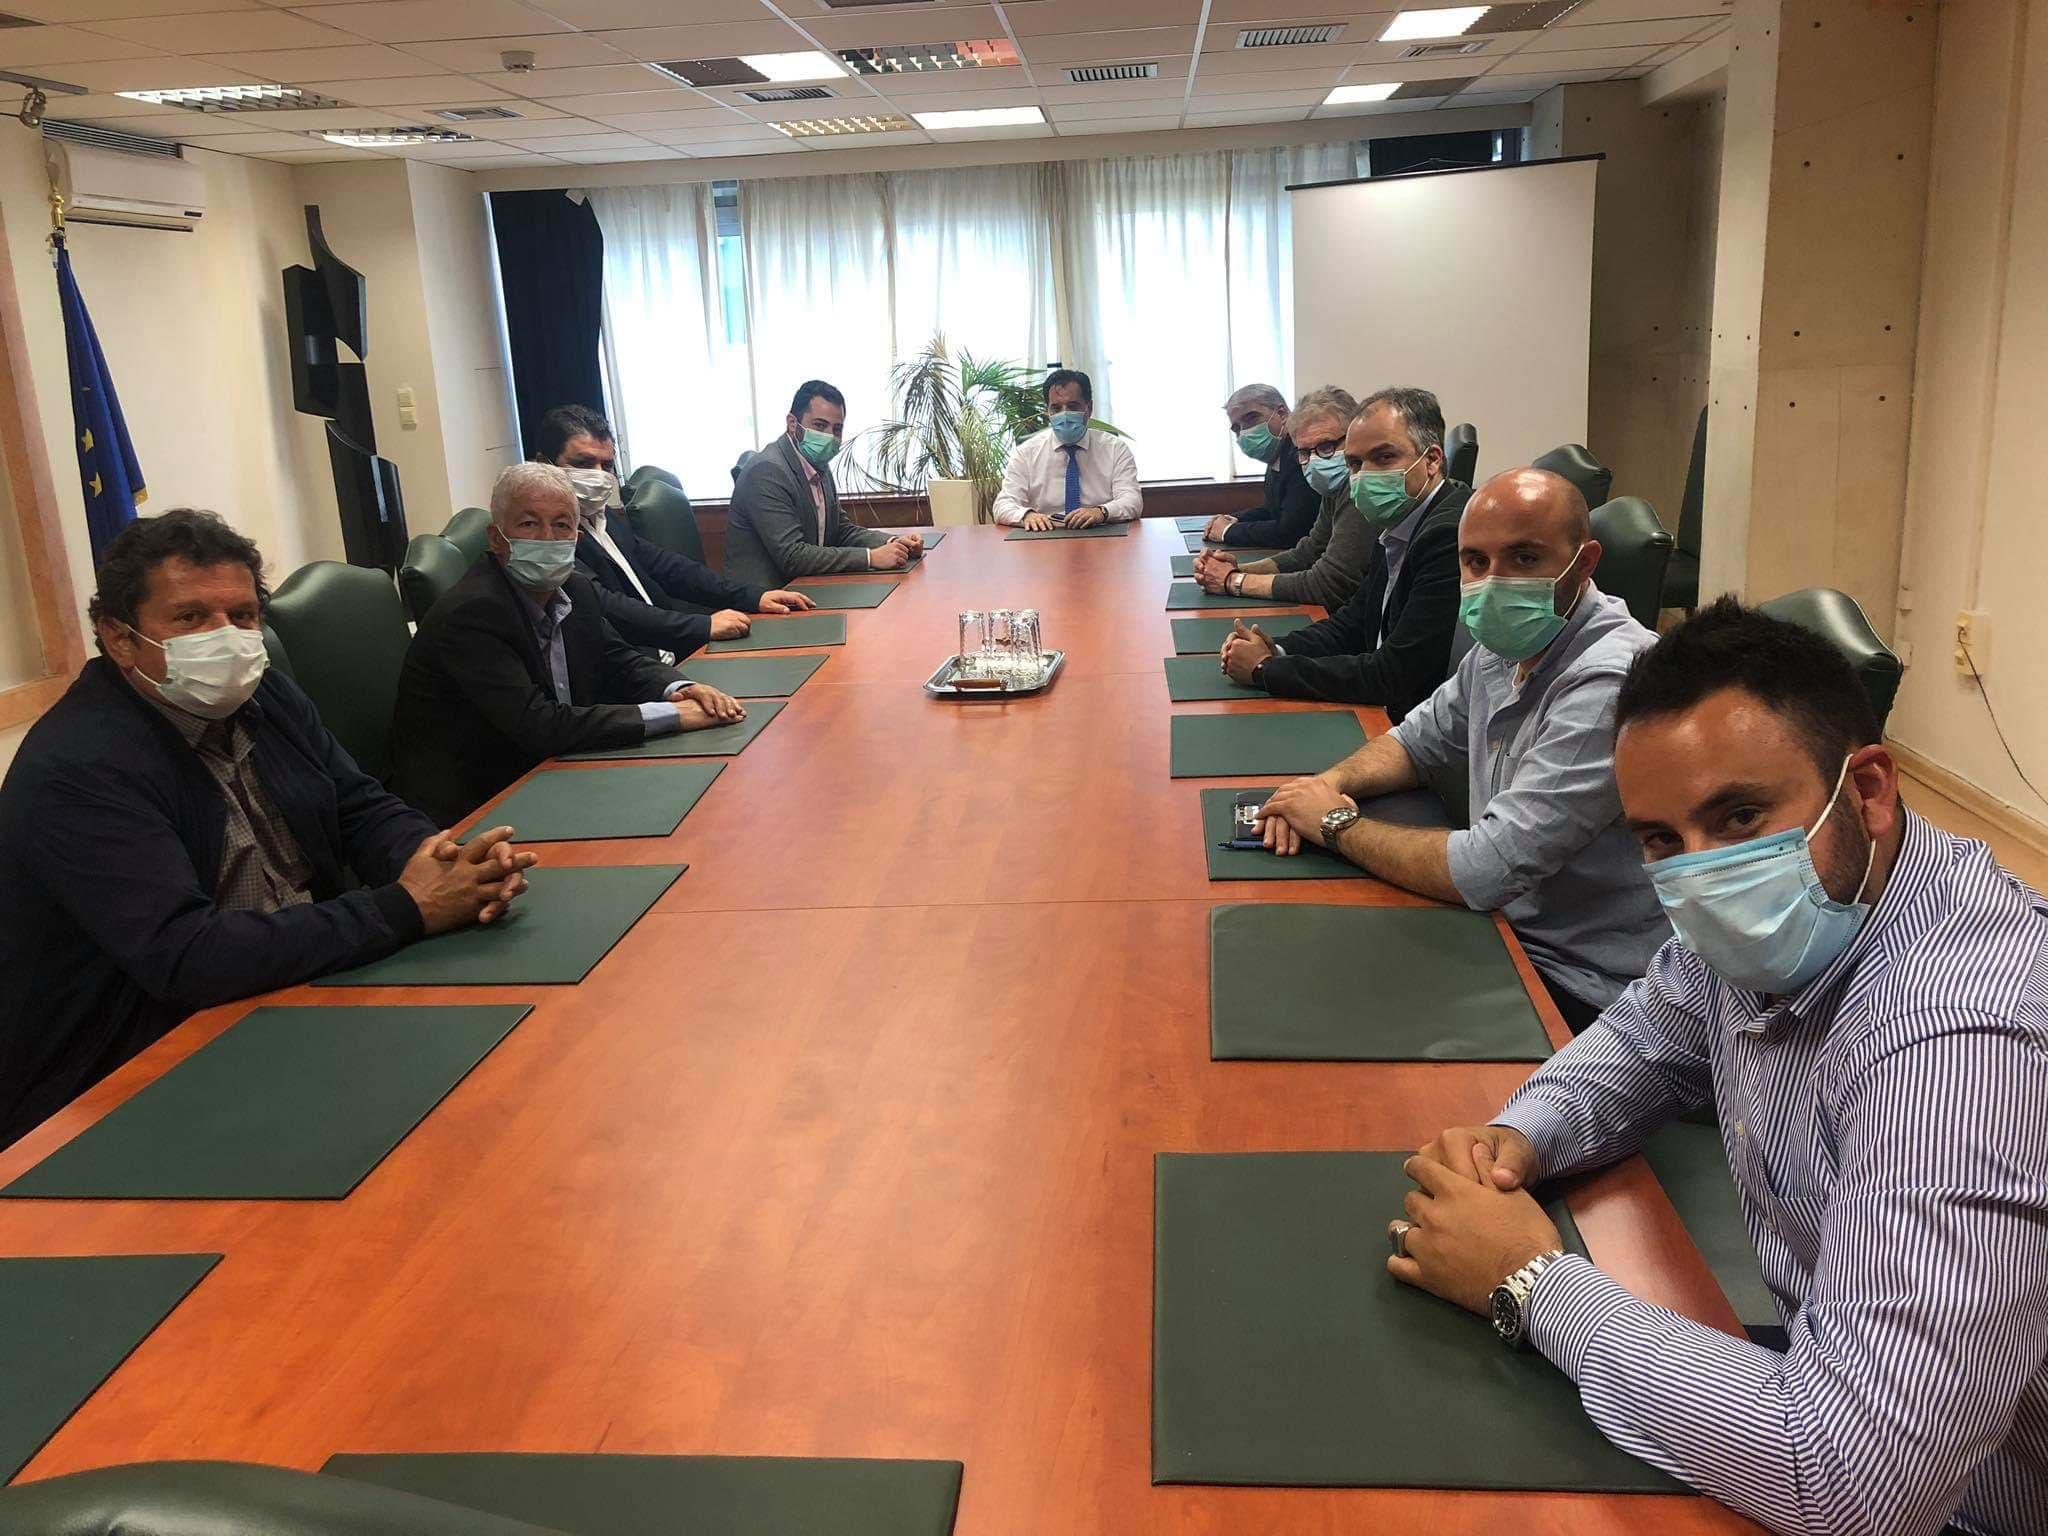 , Πραγματοποιήθηκαν οι έκτακτες συναντήσεις Βουλευτών Ευβοίας και Τσαπουρνιώτη με Βρούτση και Γεωργιάδη για το θέμα της ΤΕΡΝΑ, Eviathema.gr | ΕΥΒΟΙΑ ΝΕΑ - Νέα και ειδήσεις από όλη την Εύβοια